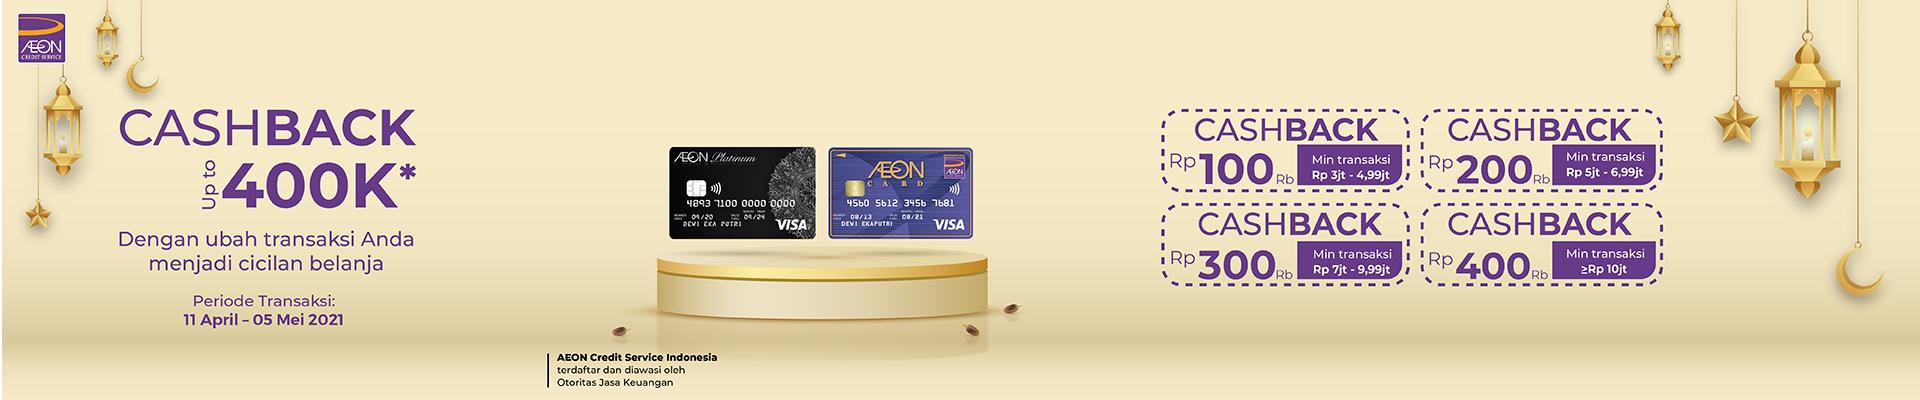 Dapatkan Cashback Hingga Rp 400.000 & Cicilan Ringan 1,25%